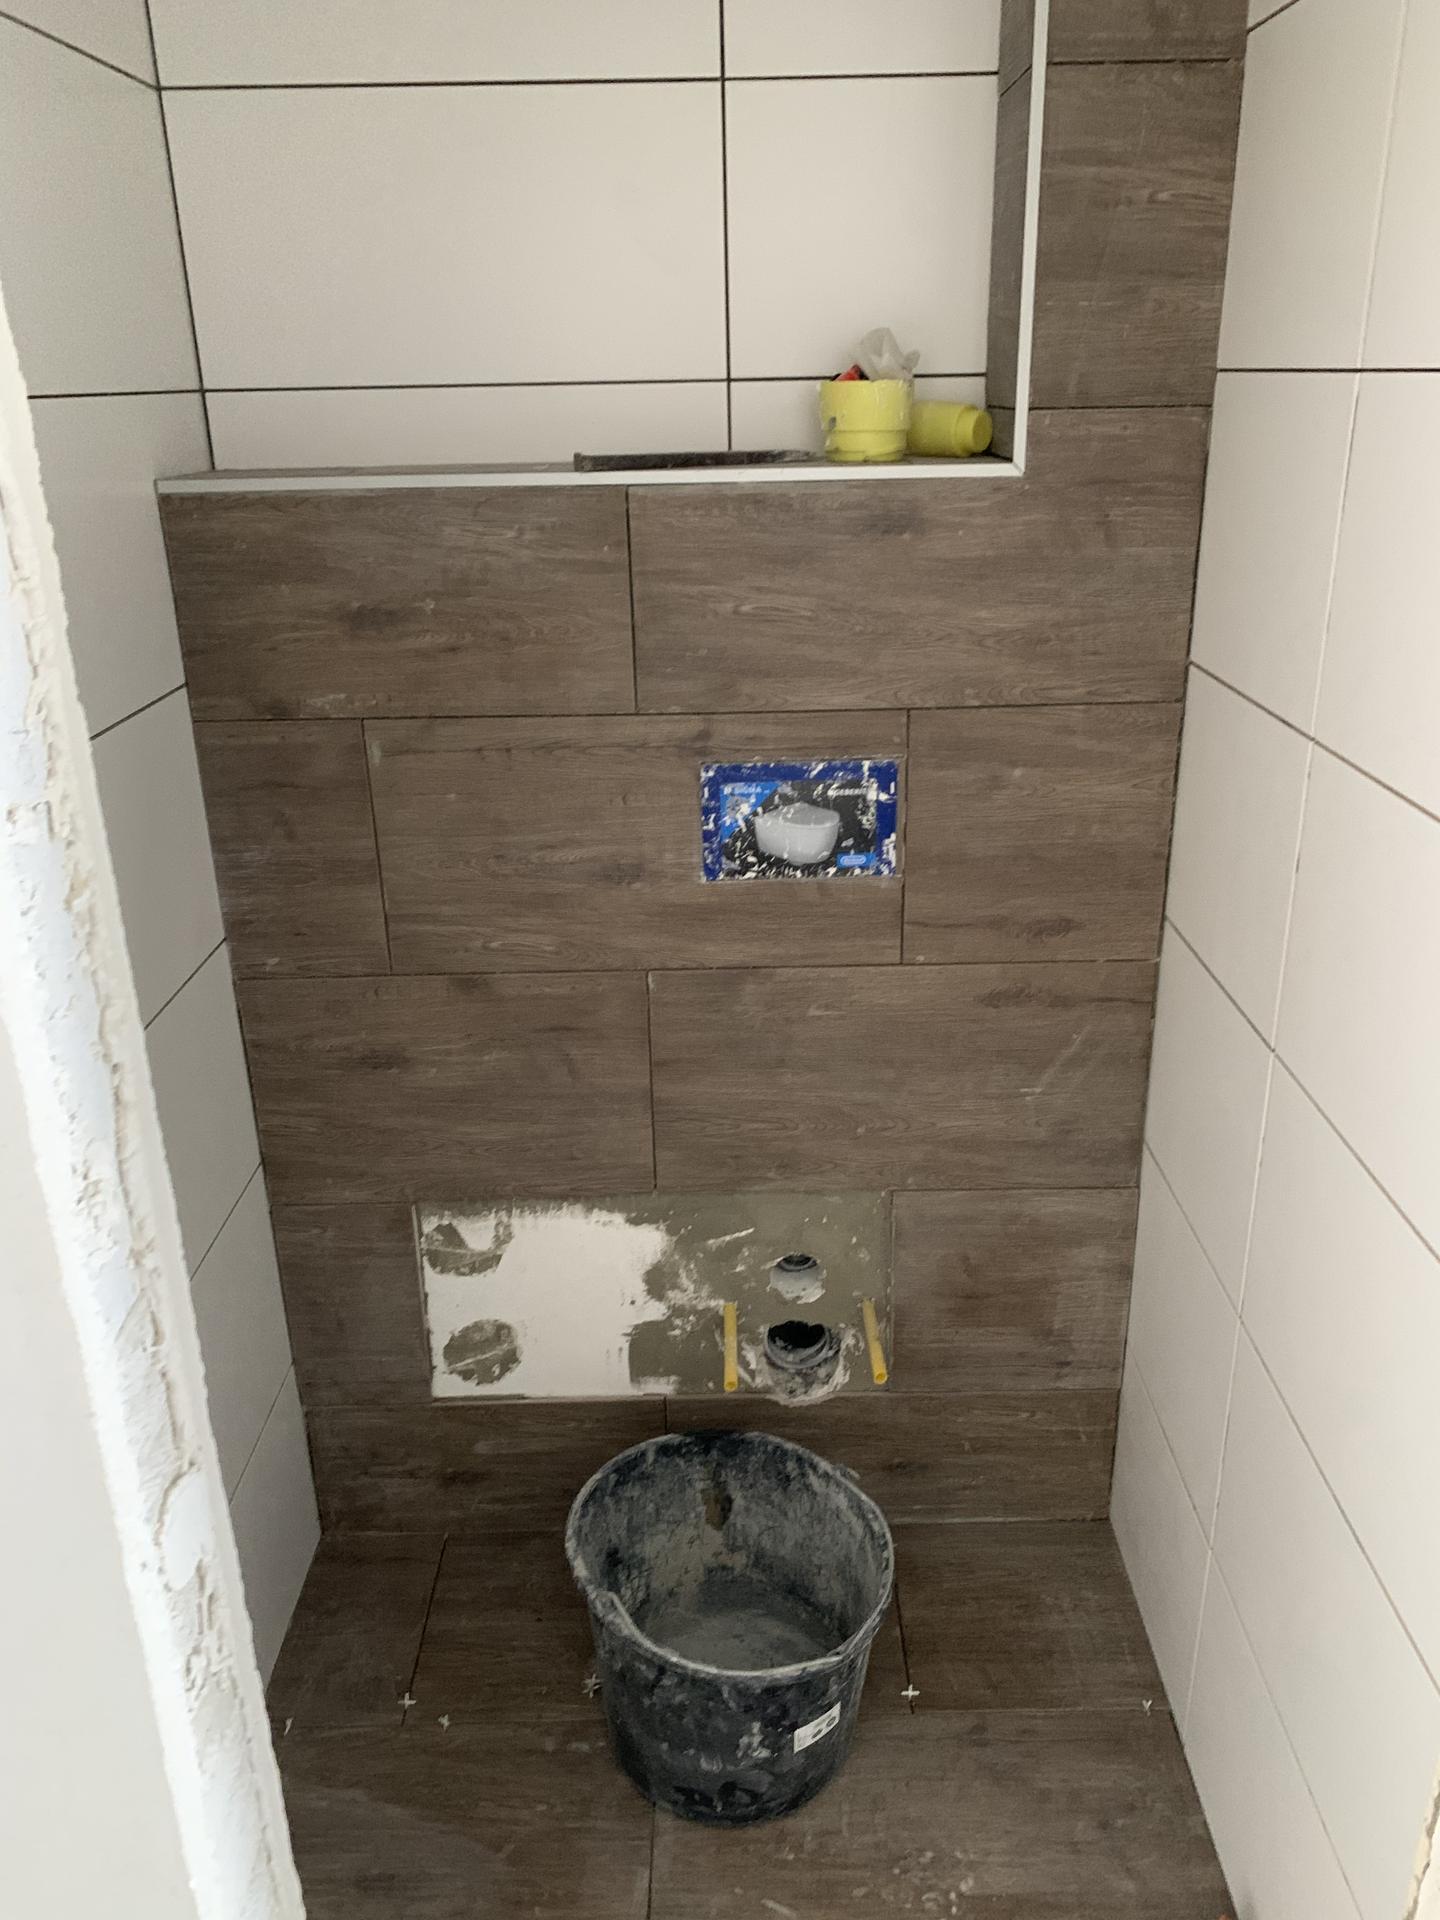 Wc a Koupelna s wc - Obrázek č. 7